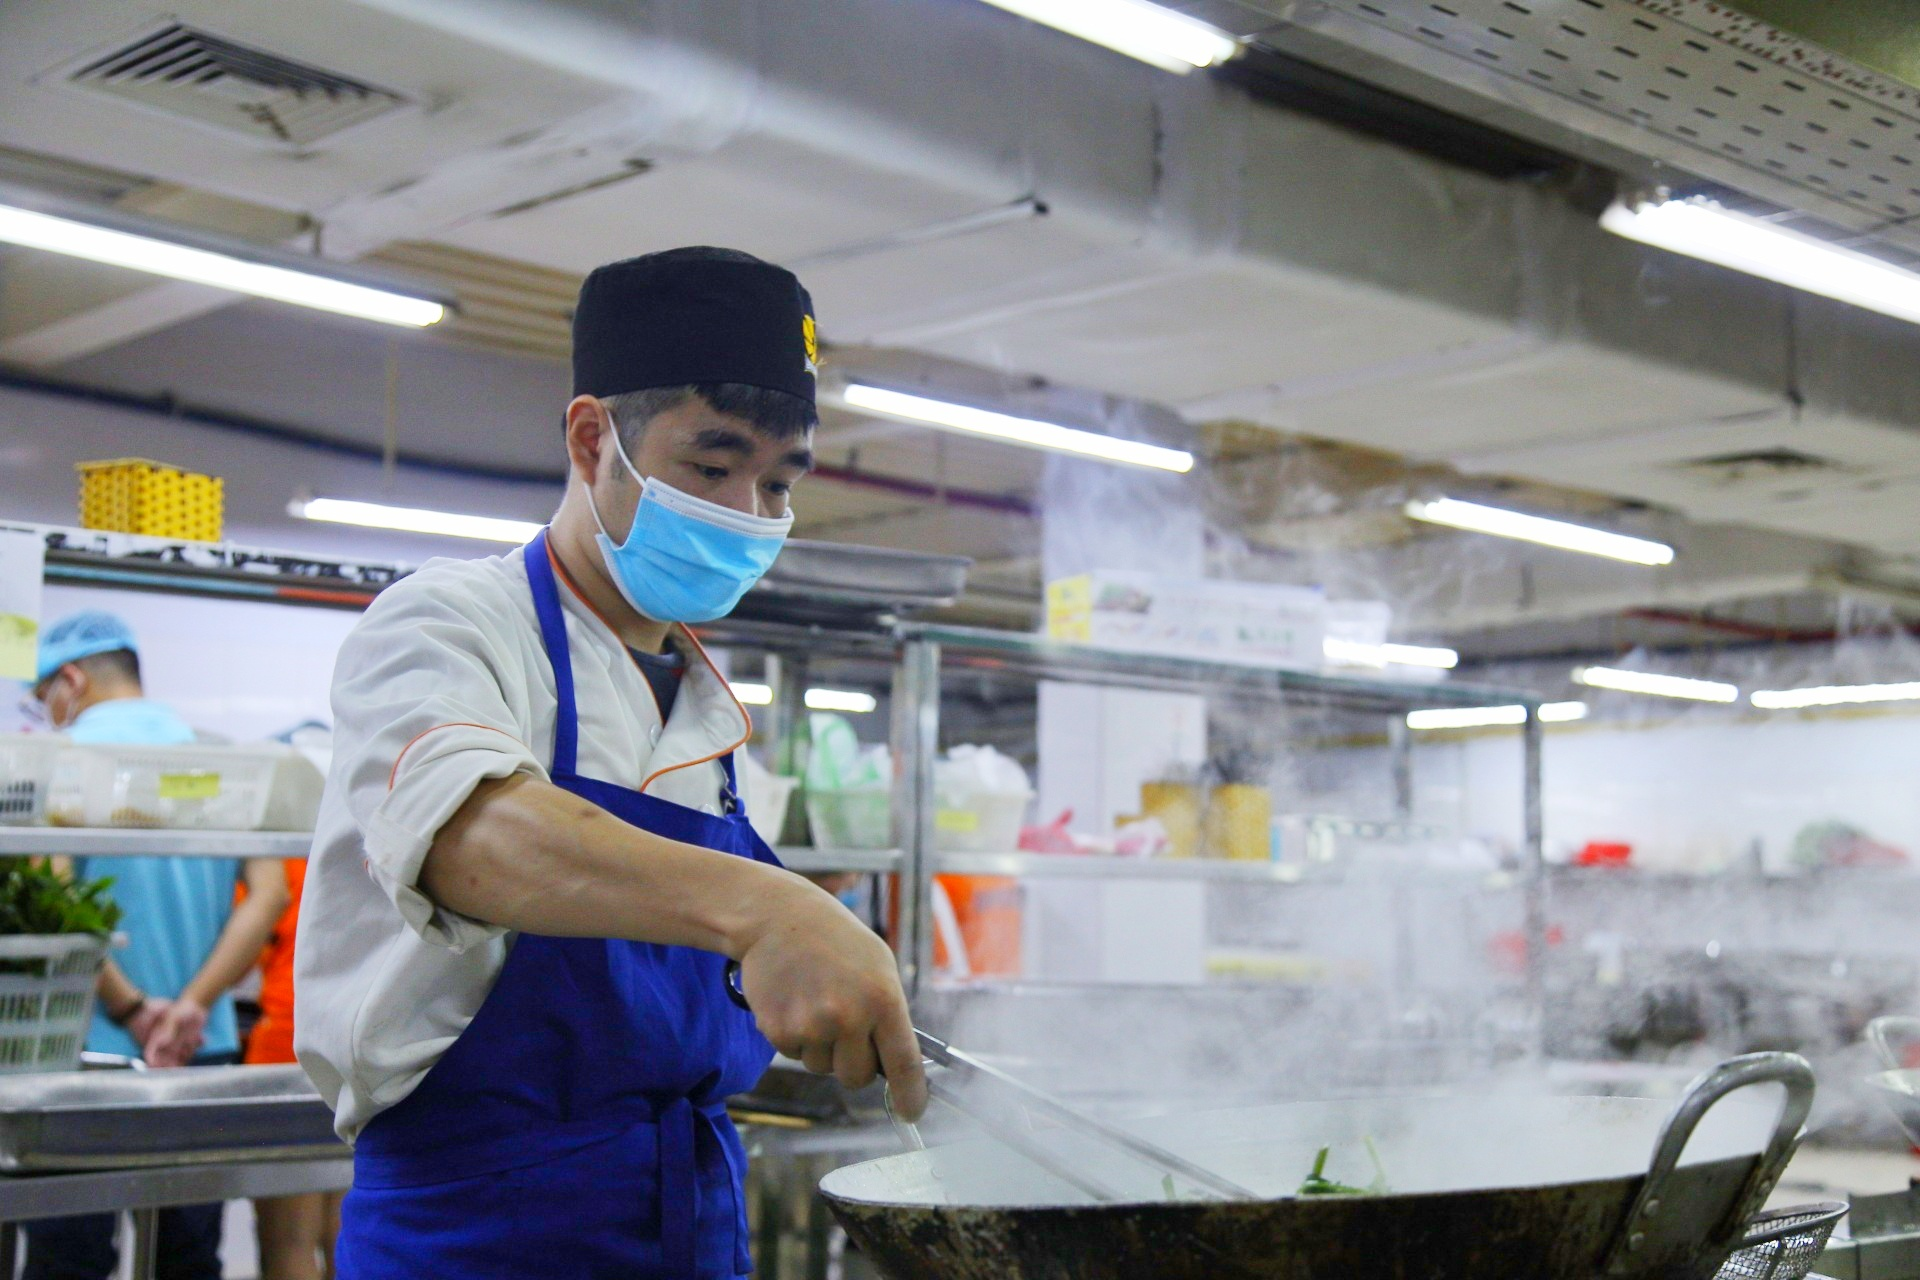 """Anh Nguyễn Văn Tuyền, thành viên sáng lập Food Banks Việt Nam cho biết: """"Với tinh thần là một mạng lưới thực phẩm cho người nghèo, chúng tôi đã phối hợp với BNAFOODS để tổ chức các bữa cơm phục vụ cho lực lượng tuyến đầu chống dịch cũng như những hoàn cảnh khó khăn, chung sức vượt qua đại dịch""""."""